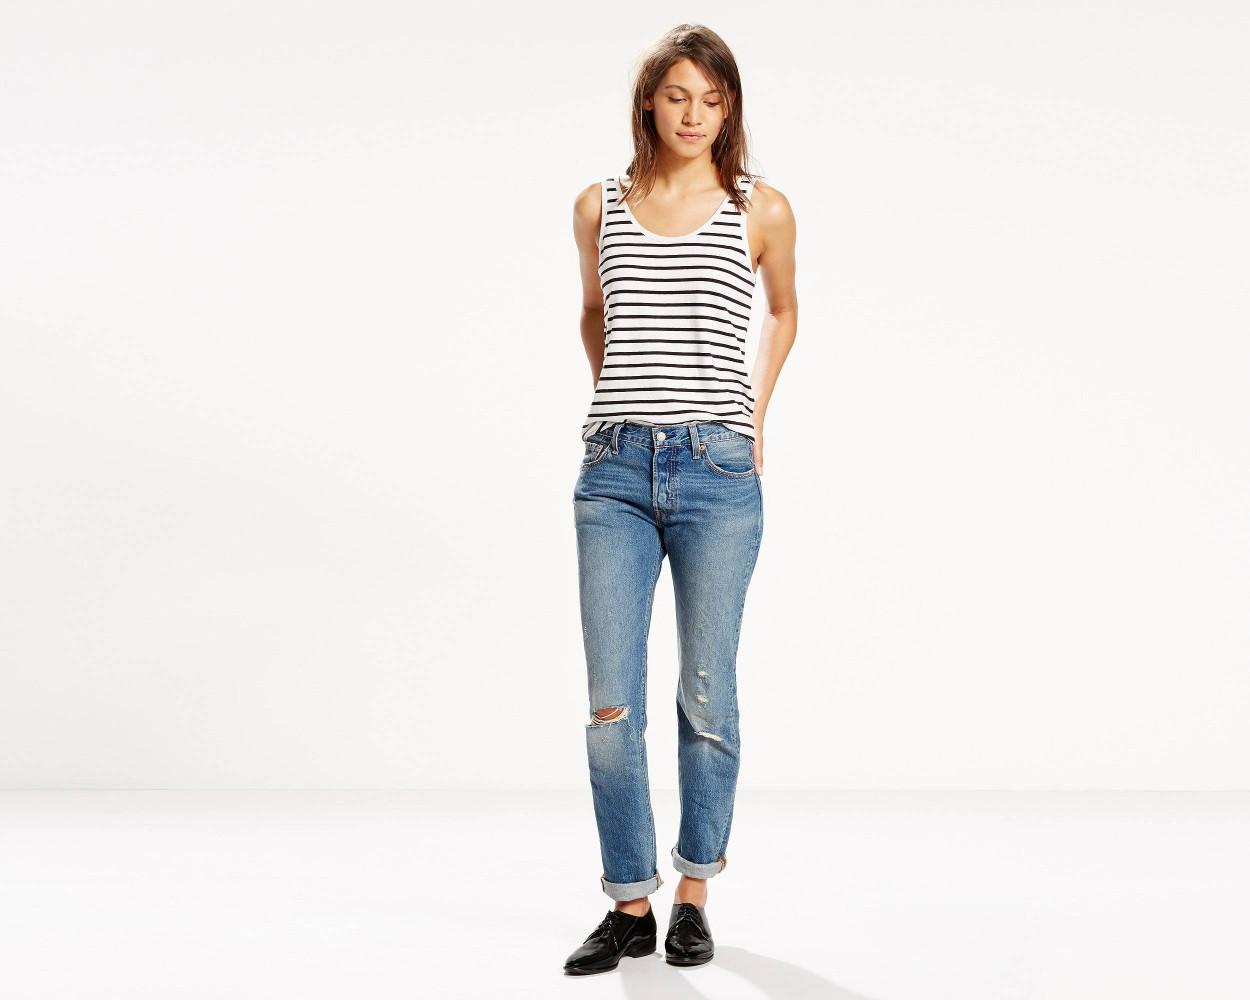 Джинсы интернет магазин одежды с доставкой